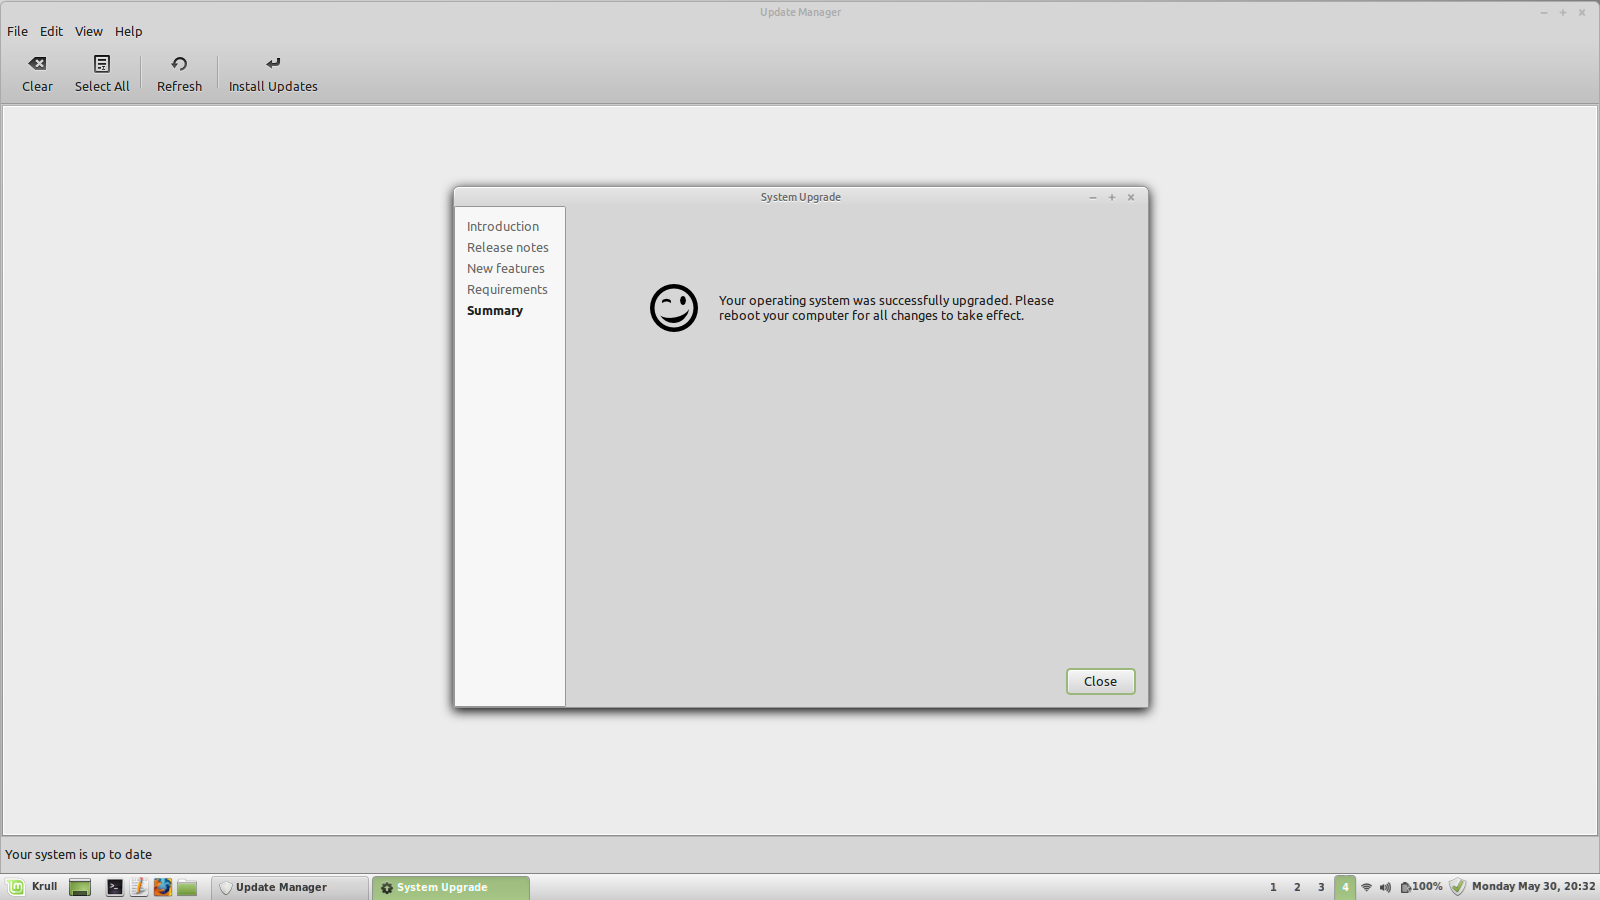 oesediez: Linux Mint Cinnamon 17 3 On The Thinkpad T430